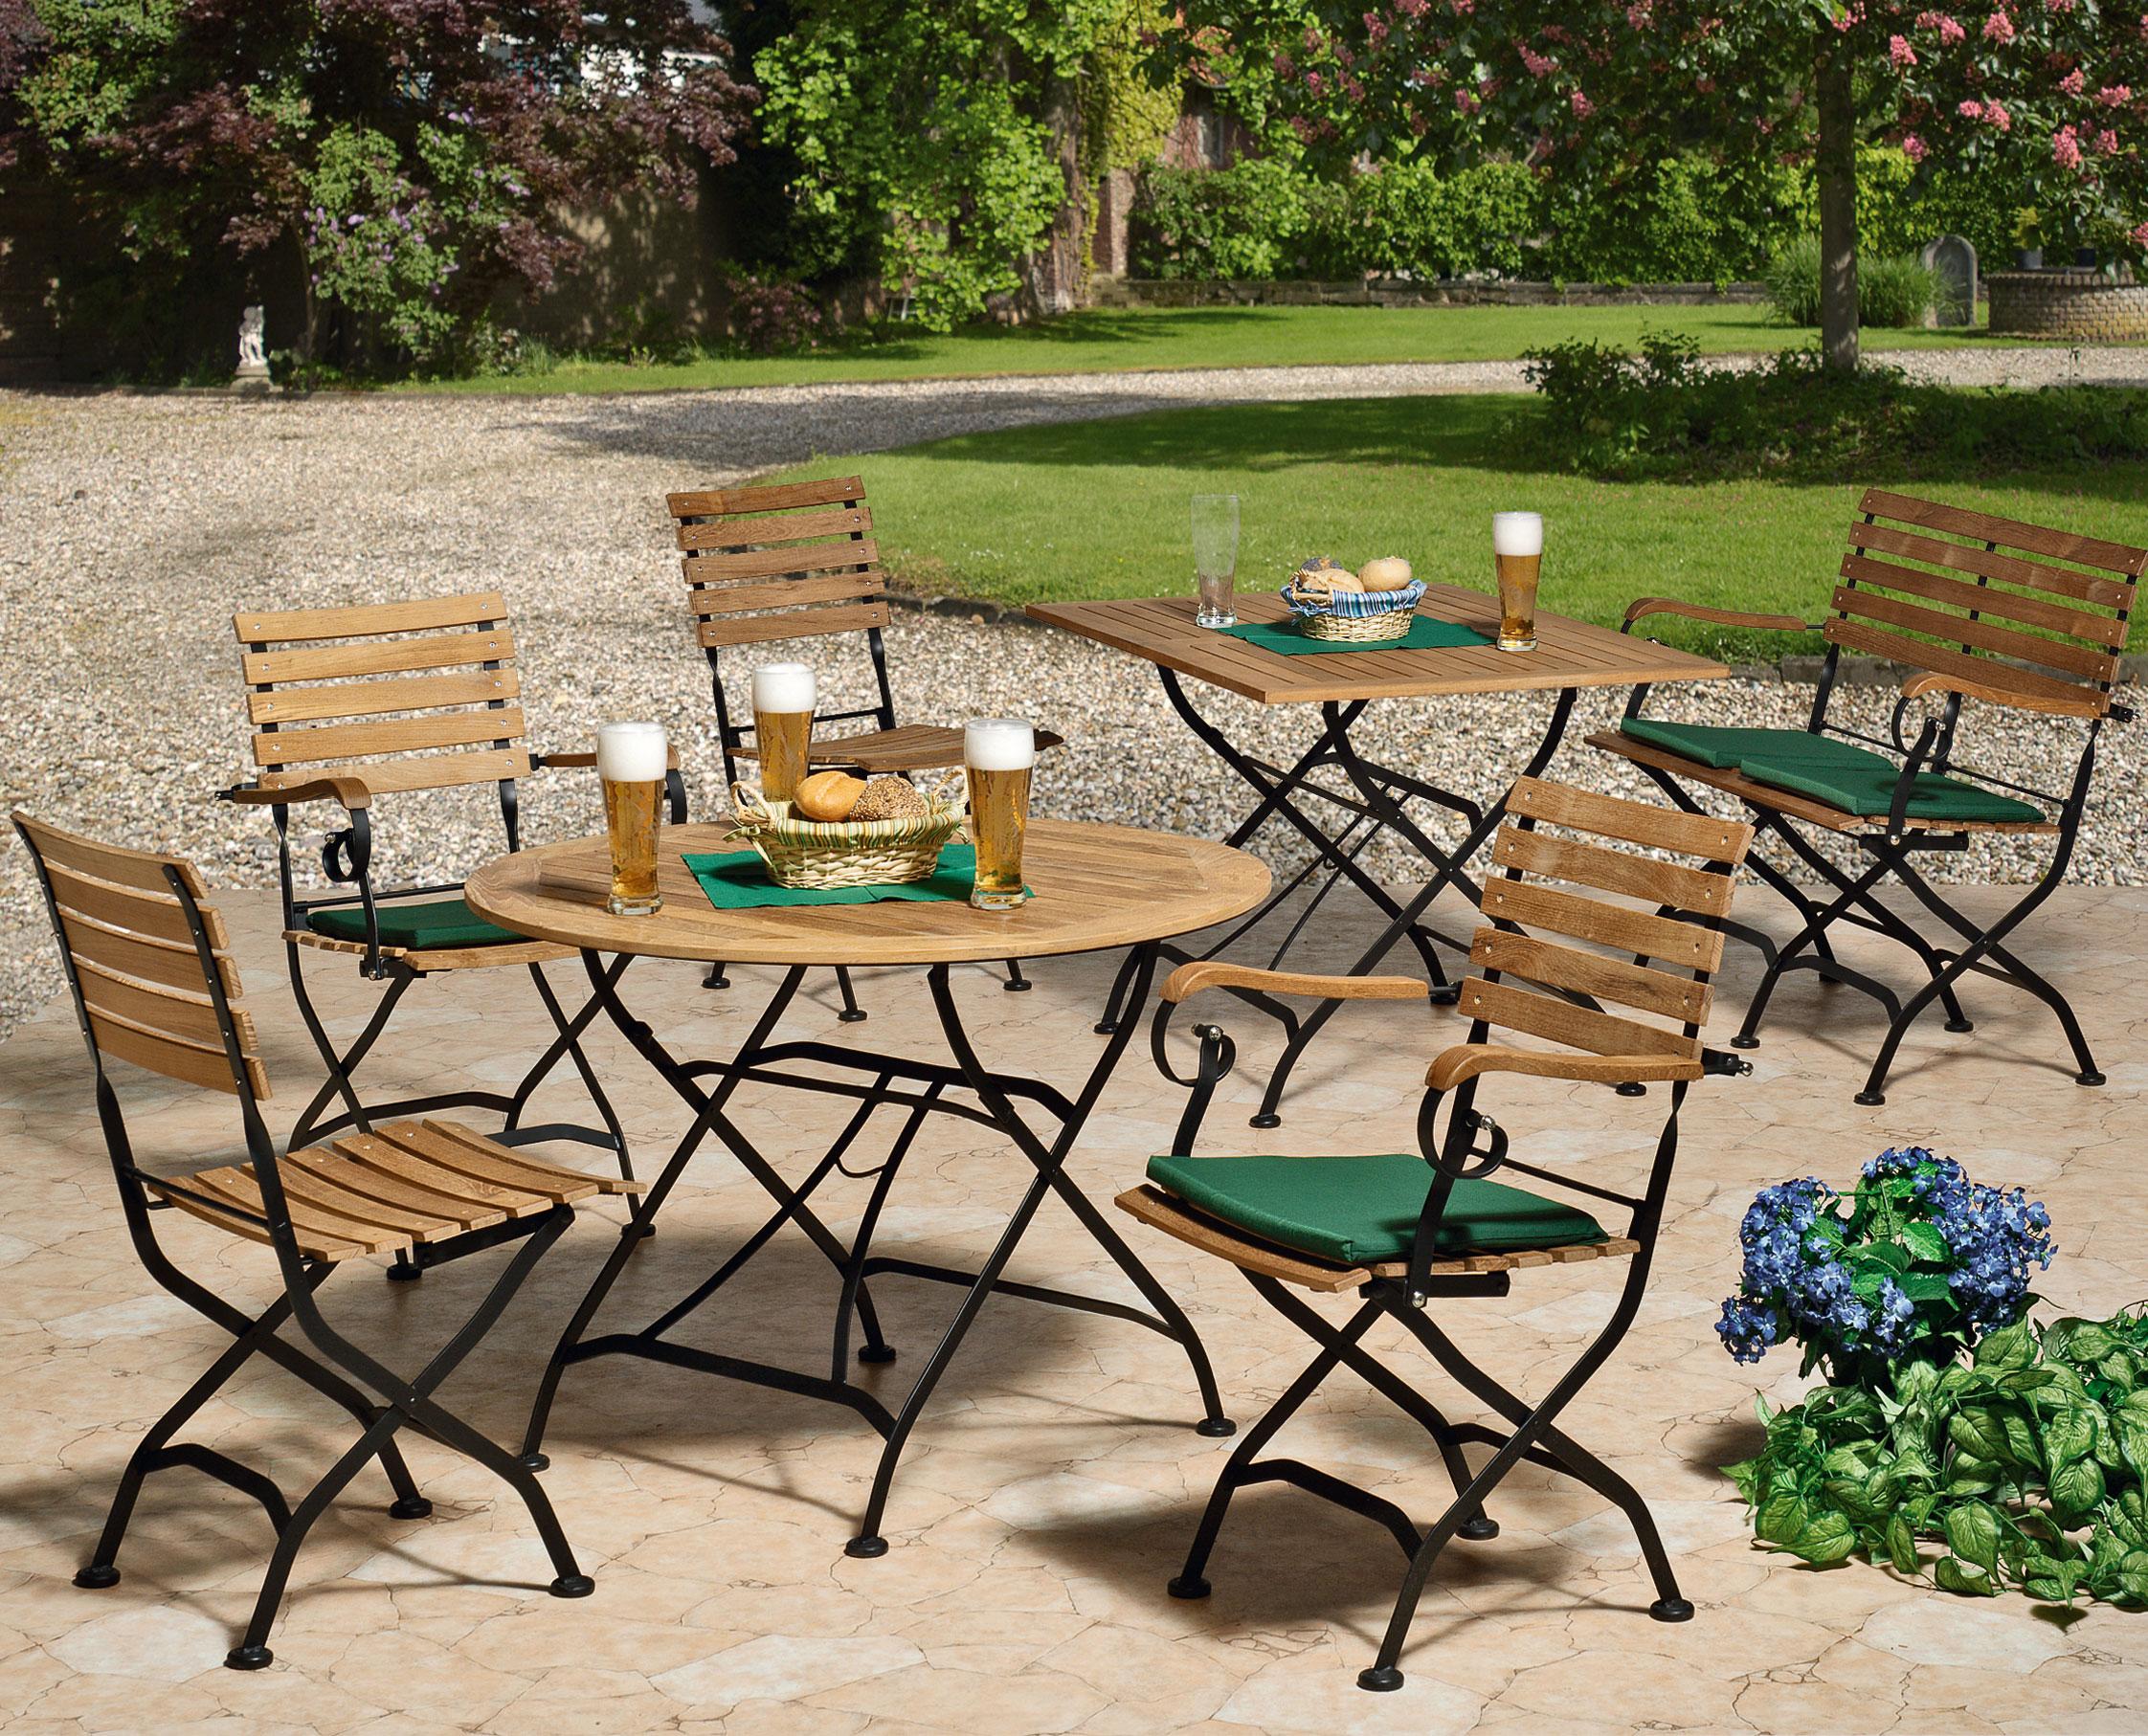 gartenstuhl biergartenstuhl klappbar peru ii teakholz. Black Bedroom Furniture Sets. Home Design Ideas